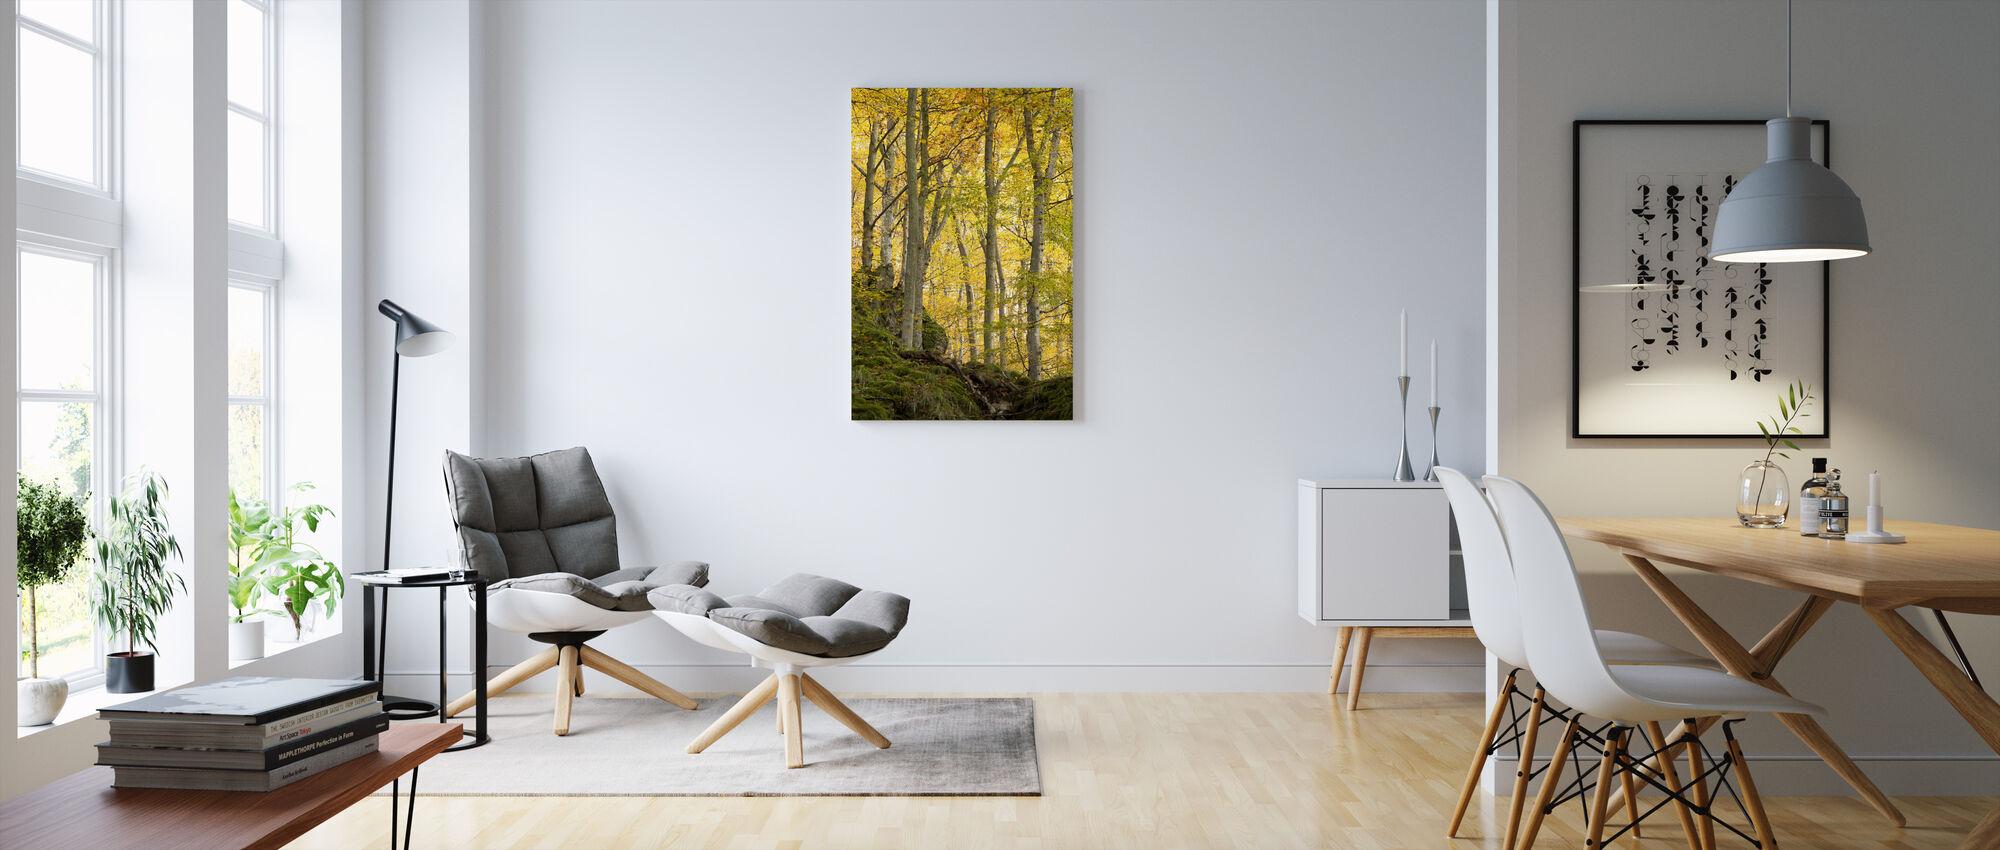 Jesienne drzewo osiki - Obraz na płótnie - Pokój dzienny